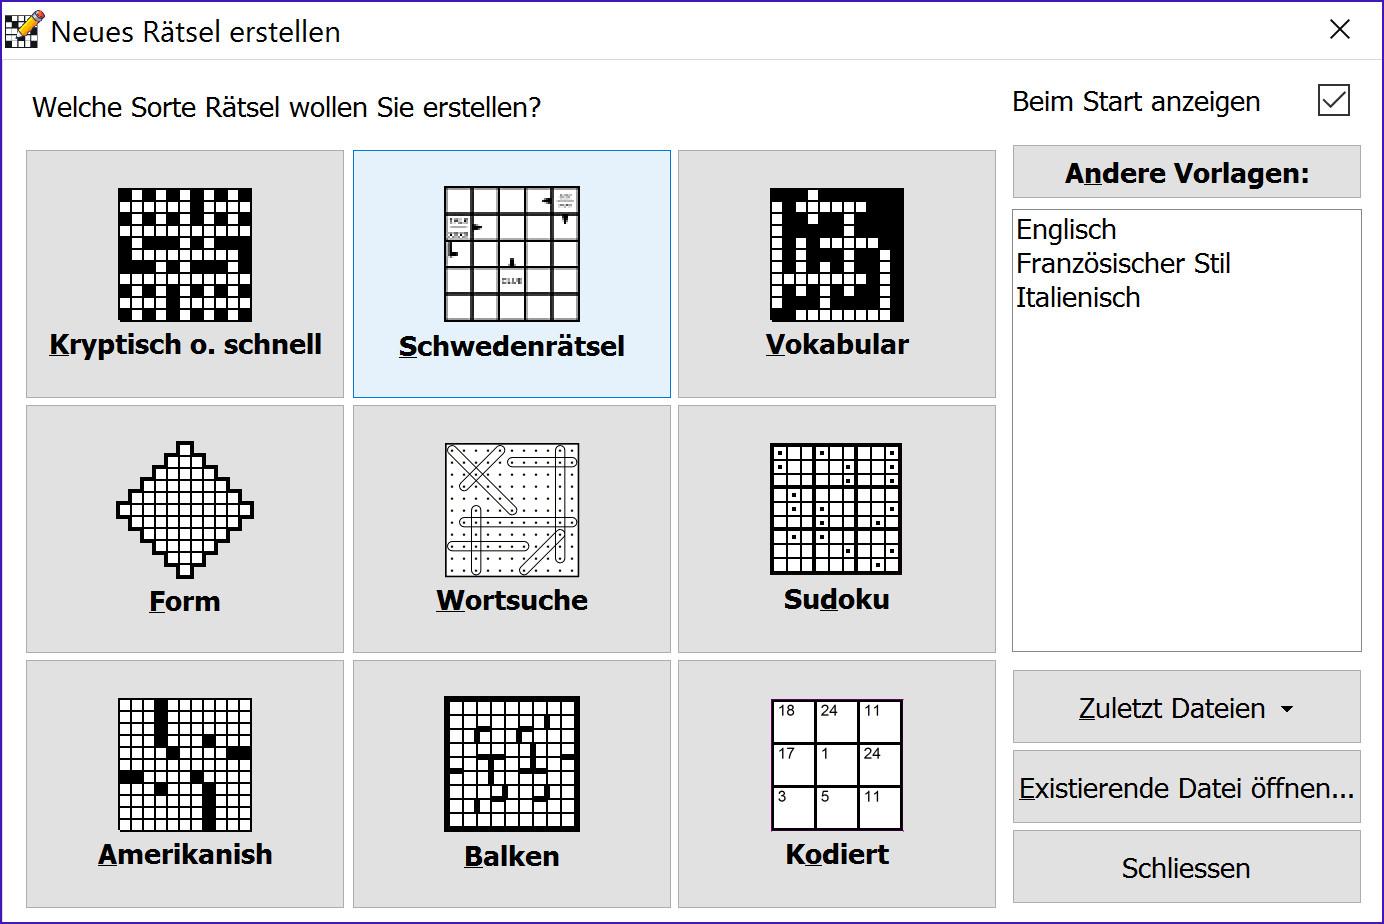 Wortsuchrätsel Zum Ausdrucken Einzigartig Crossword Piler Höhepunkte In Wortsuchrätsel Zum Fotografieren